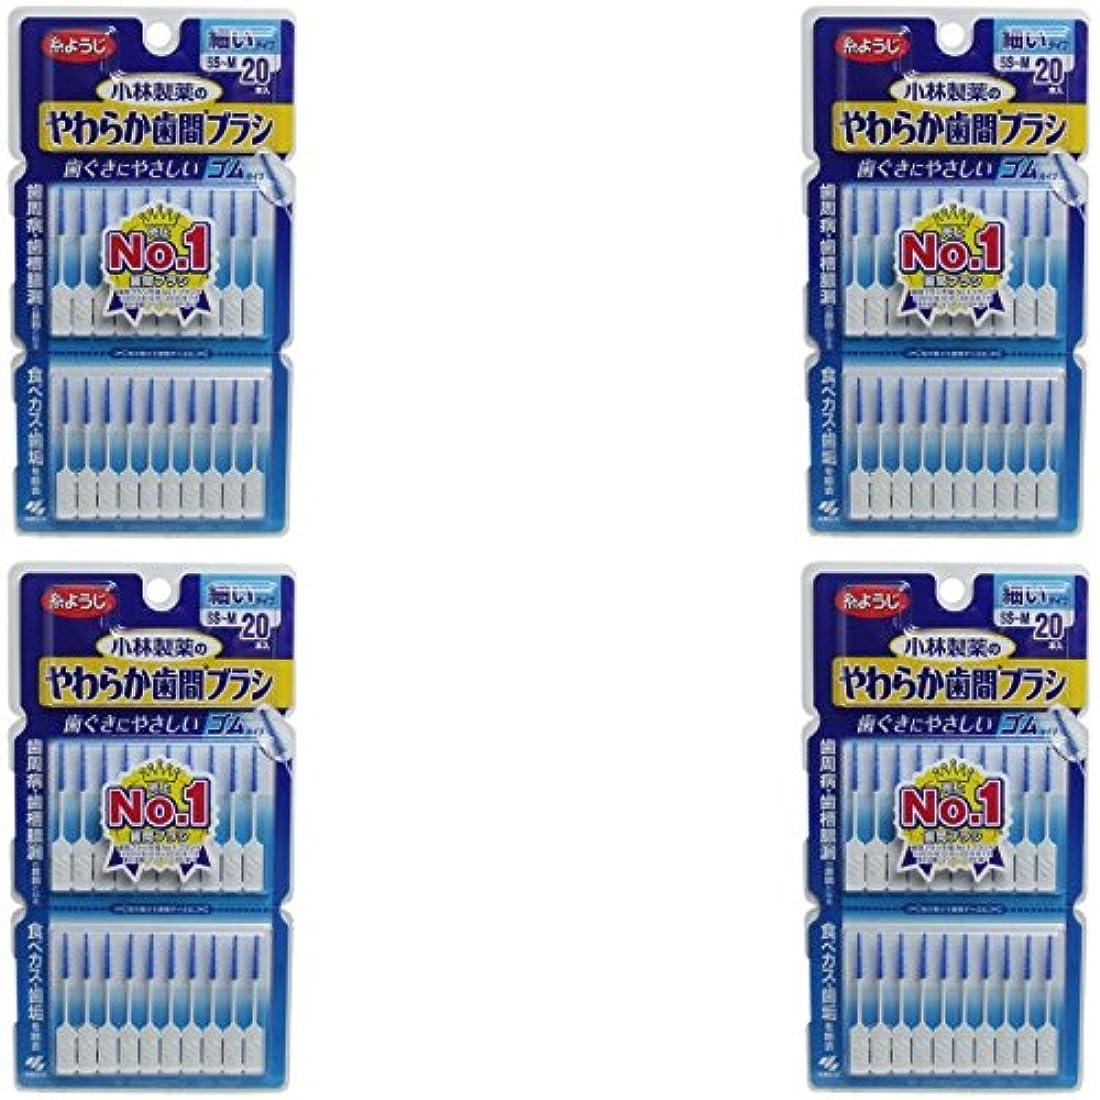 責任者立ち寄る電気技師【まとめ買い】小林製薬のやわらか歯間ブラシ 細いタイプ SS-Mサイズ ゴムタイプ 20本【×4個】